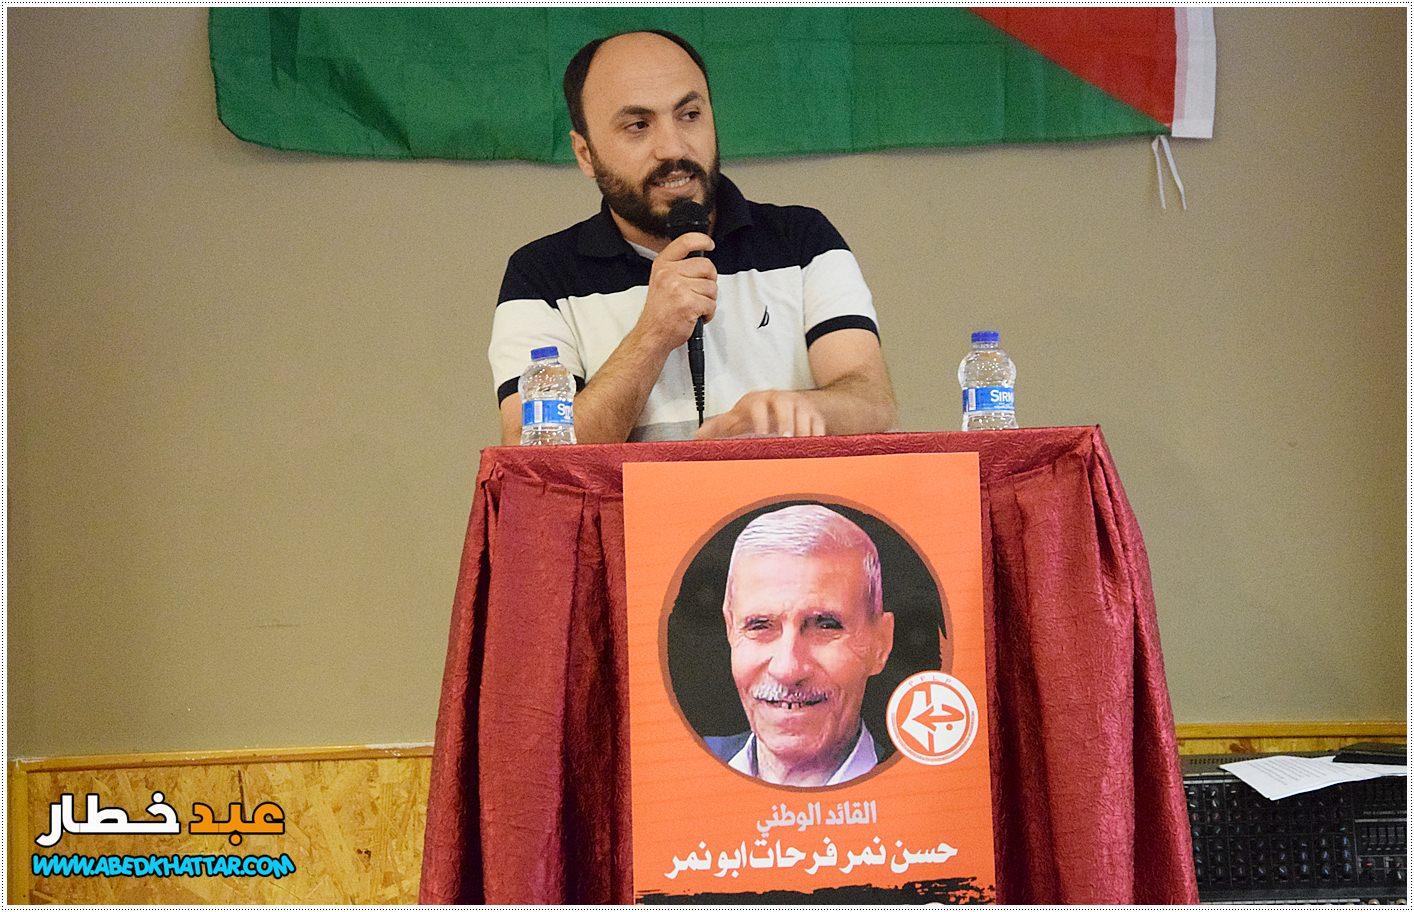 كلمة لجنة العمل الوطني الفلسطيني - الرفيق علي هليل